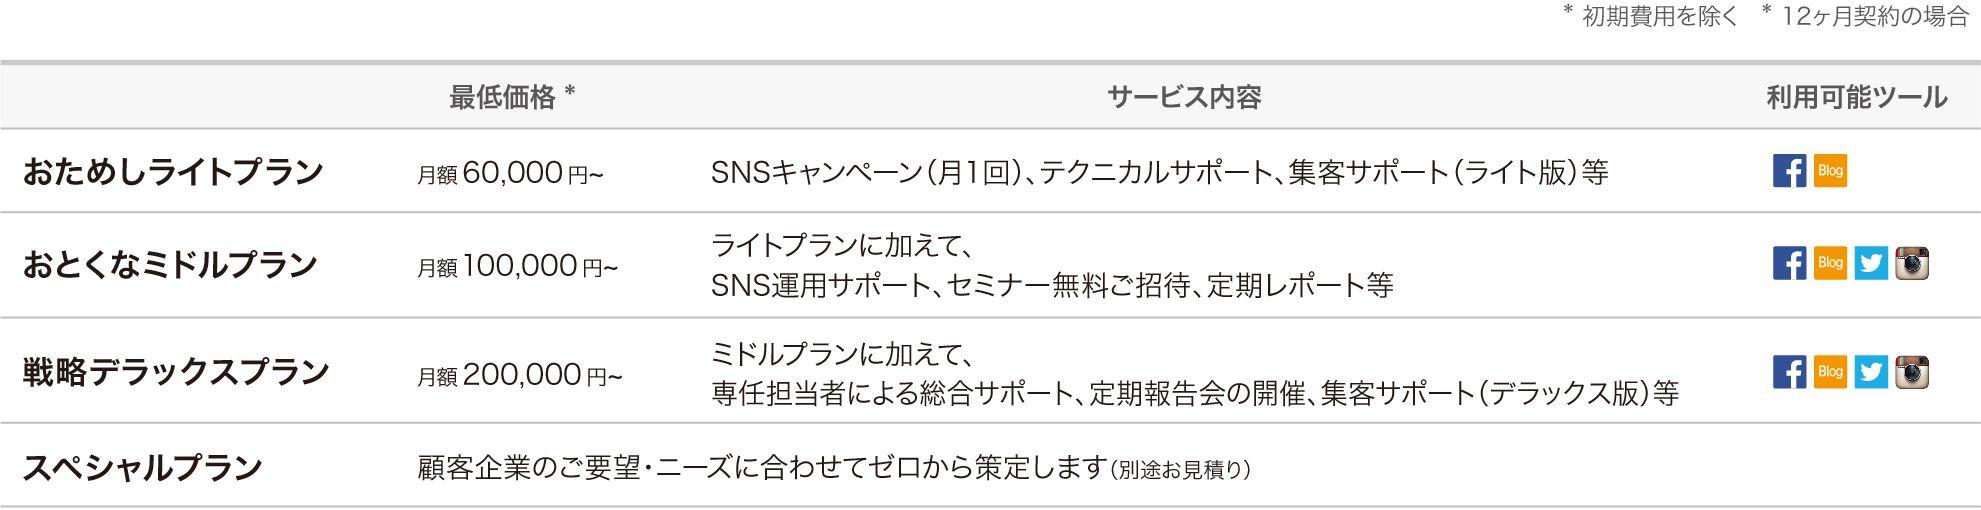 """sns_onestop_serviceplan.jpg"""""""